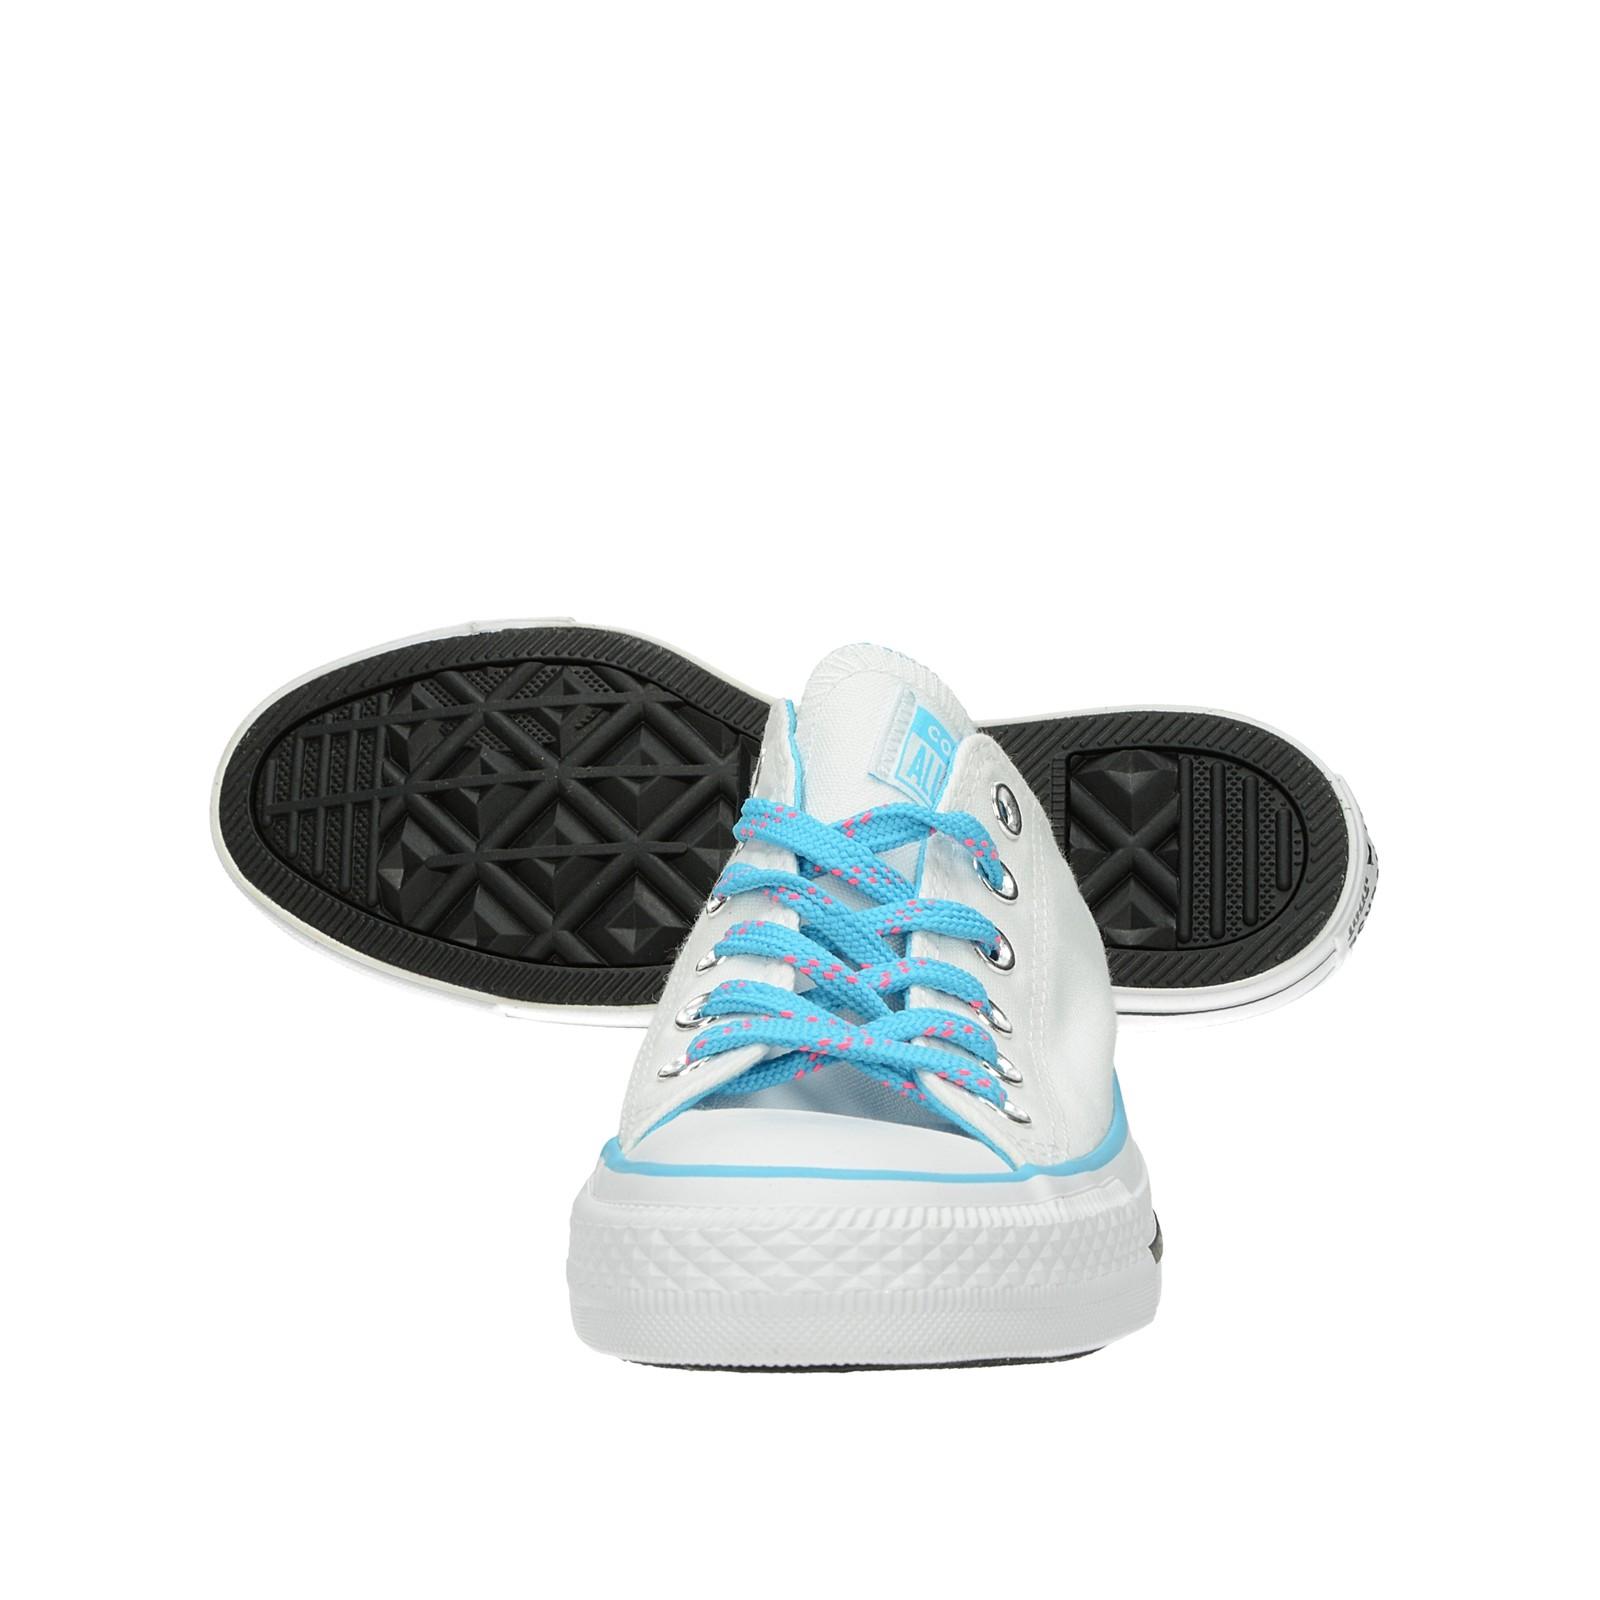 Converse dámské stylové plátěné tenisky - bílé